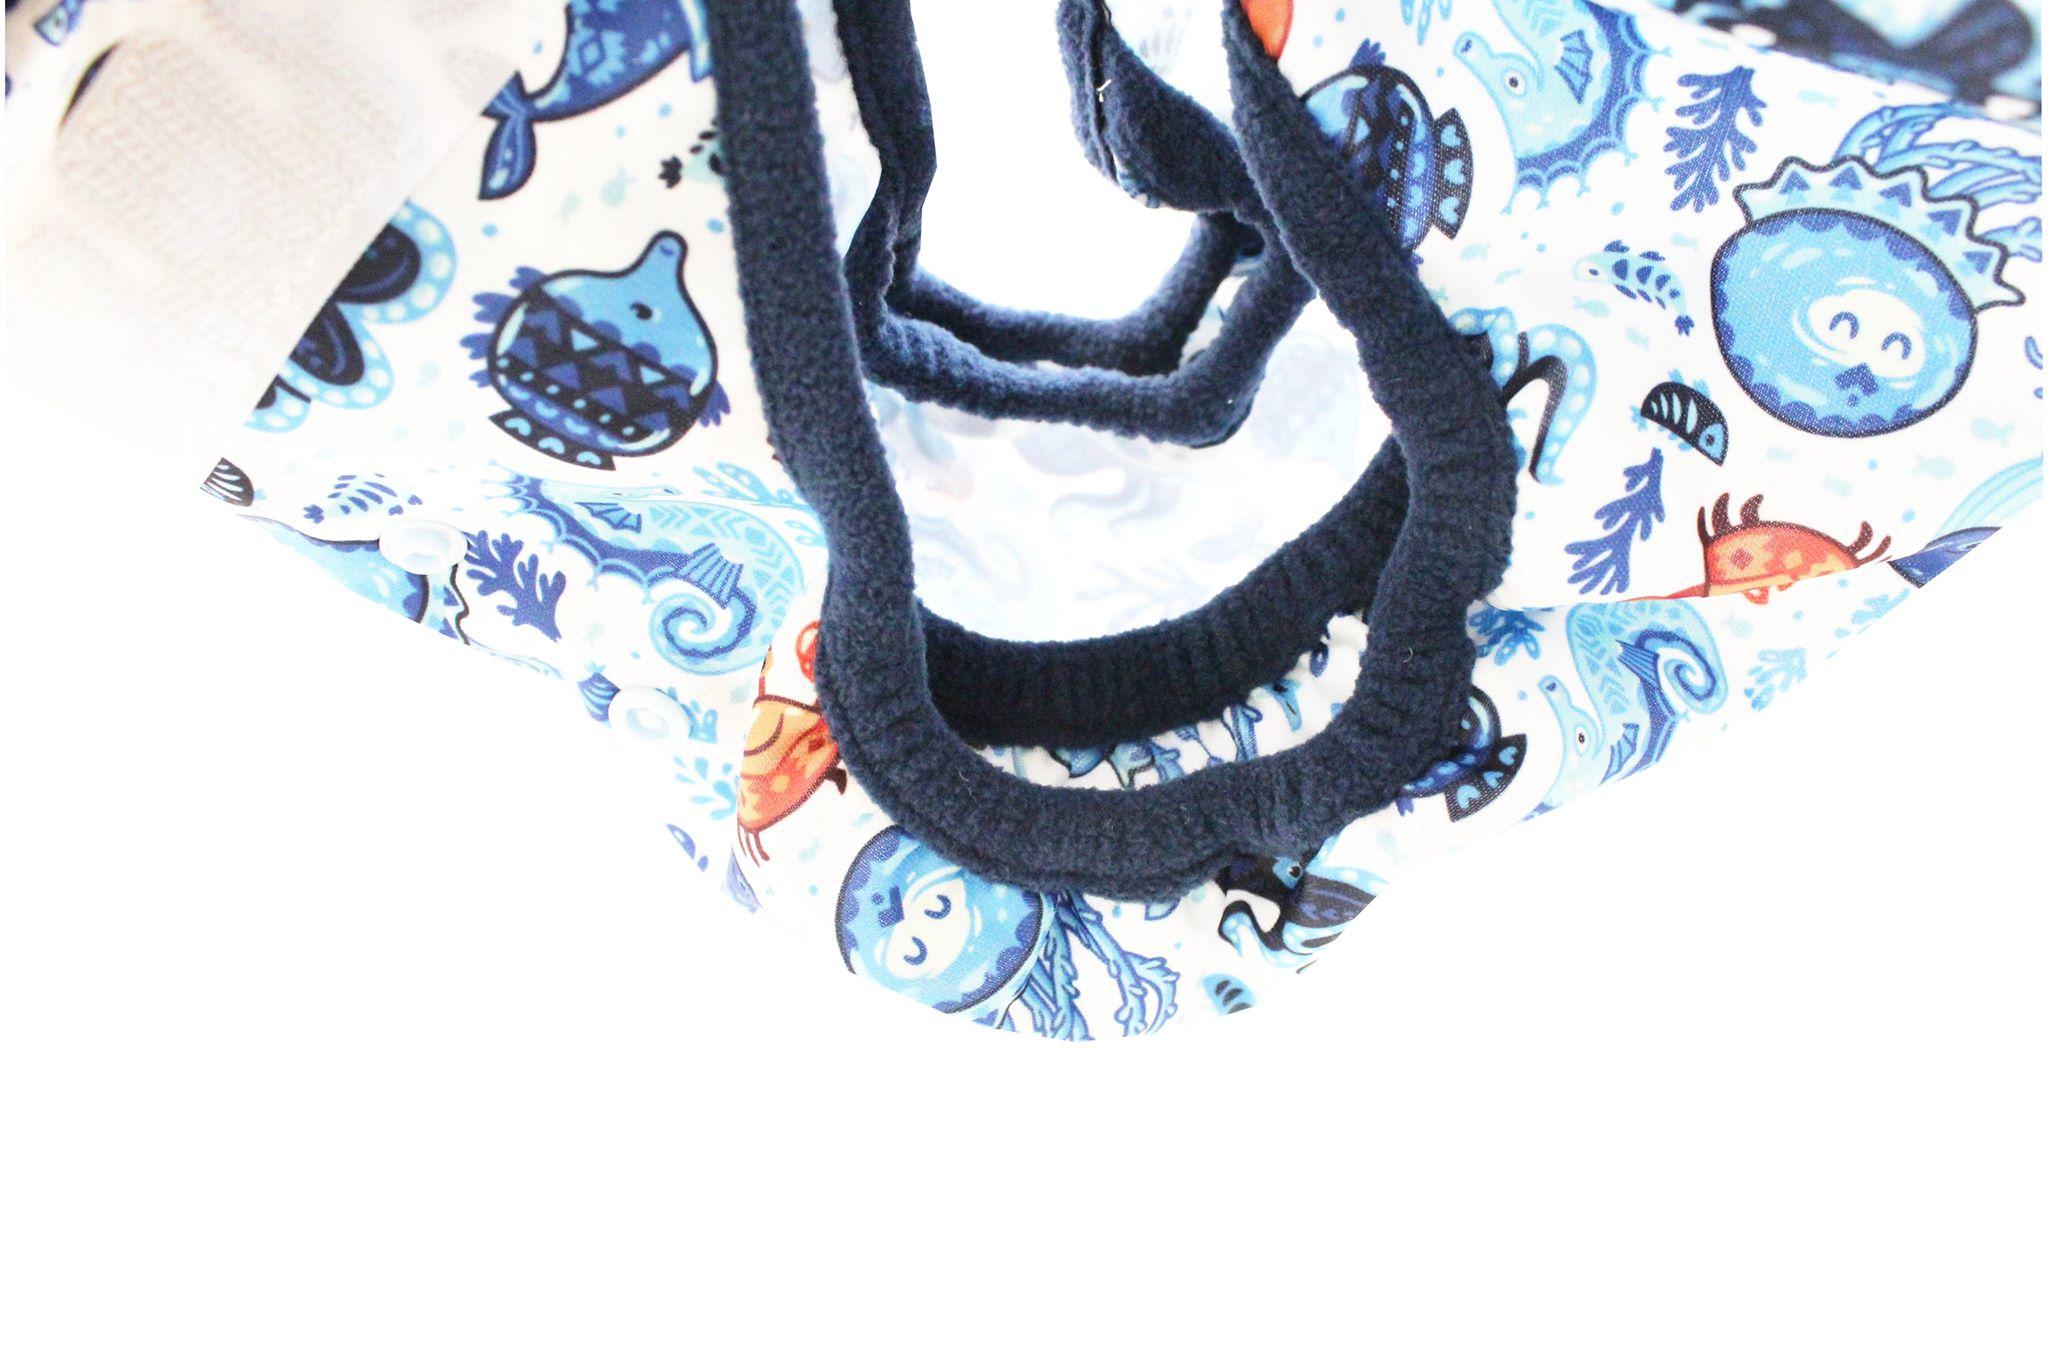 Svrchní kalhotky z PULu - Lemované fleecem, jednovelikostní, na patentky, s křidélky